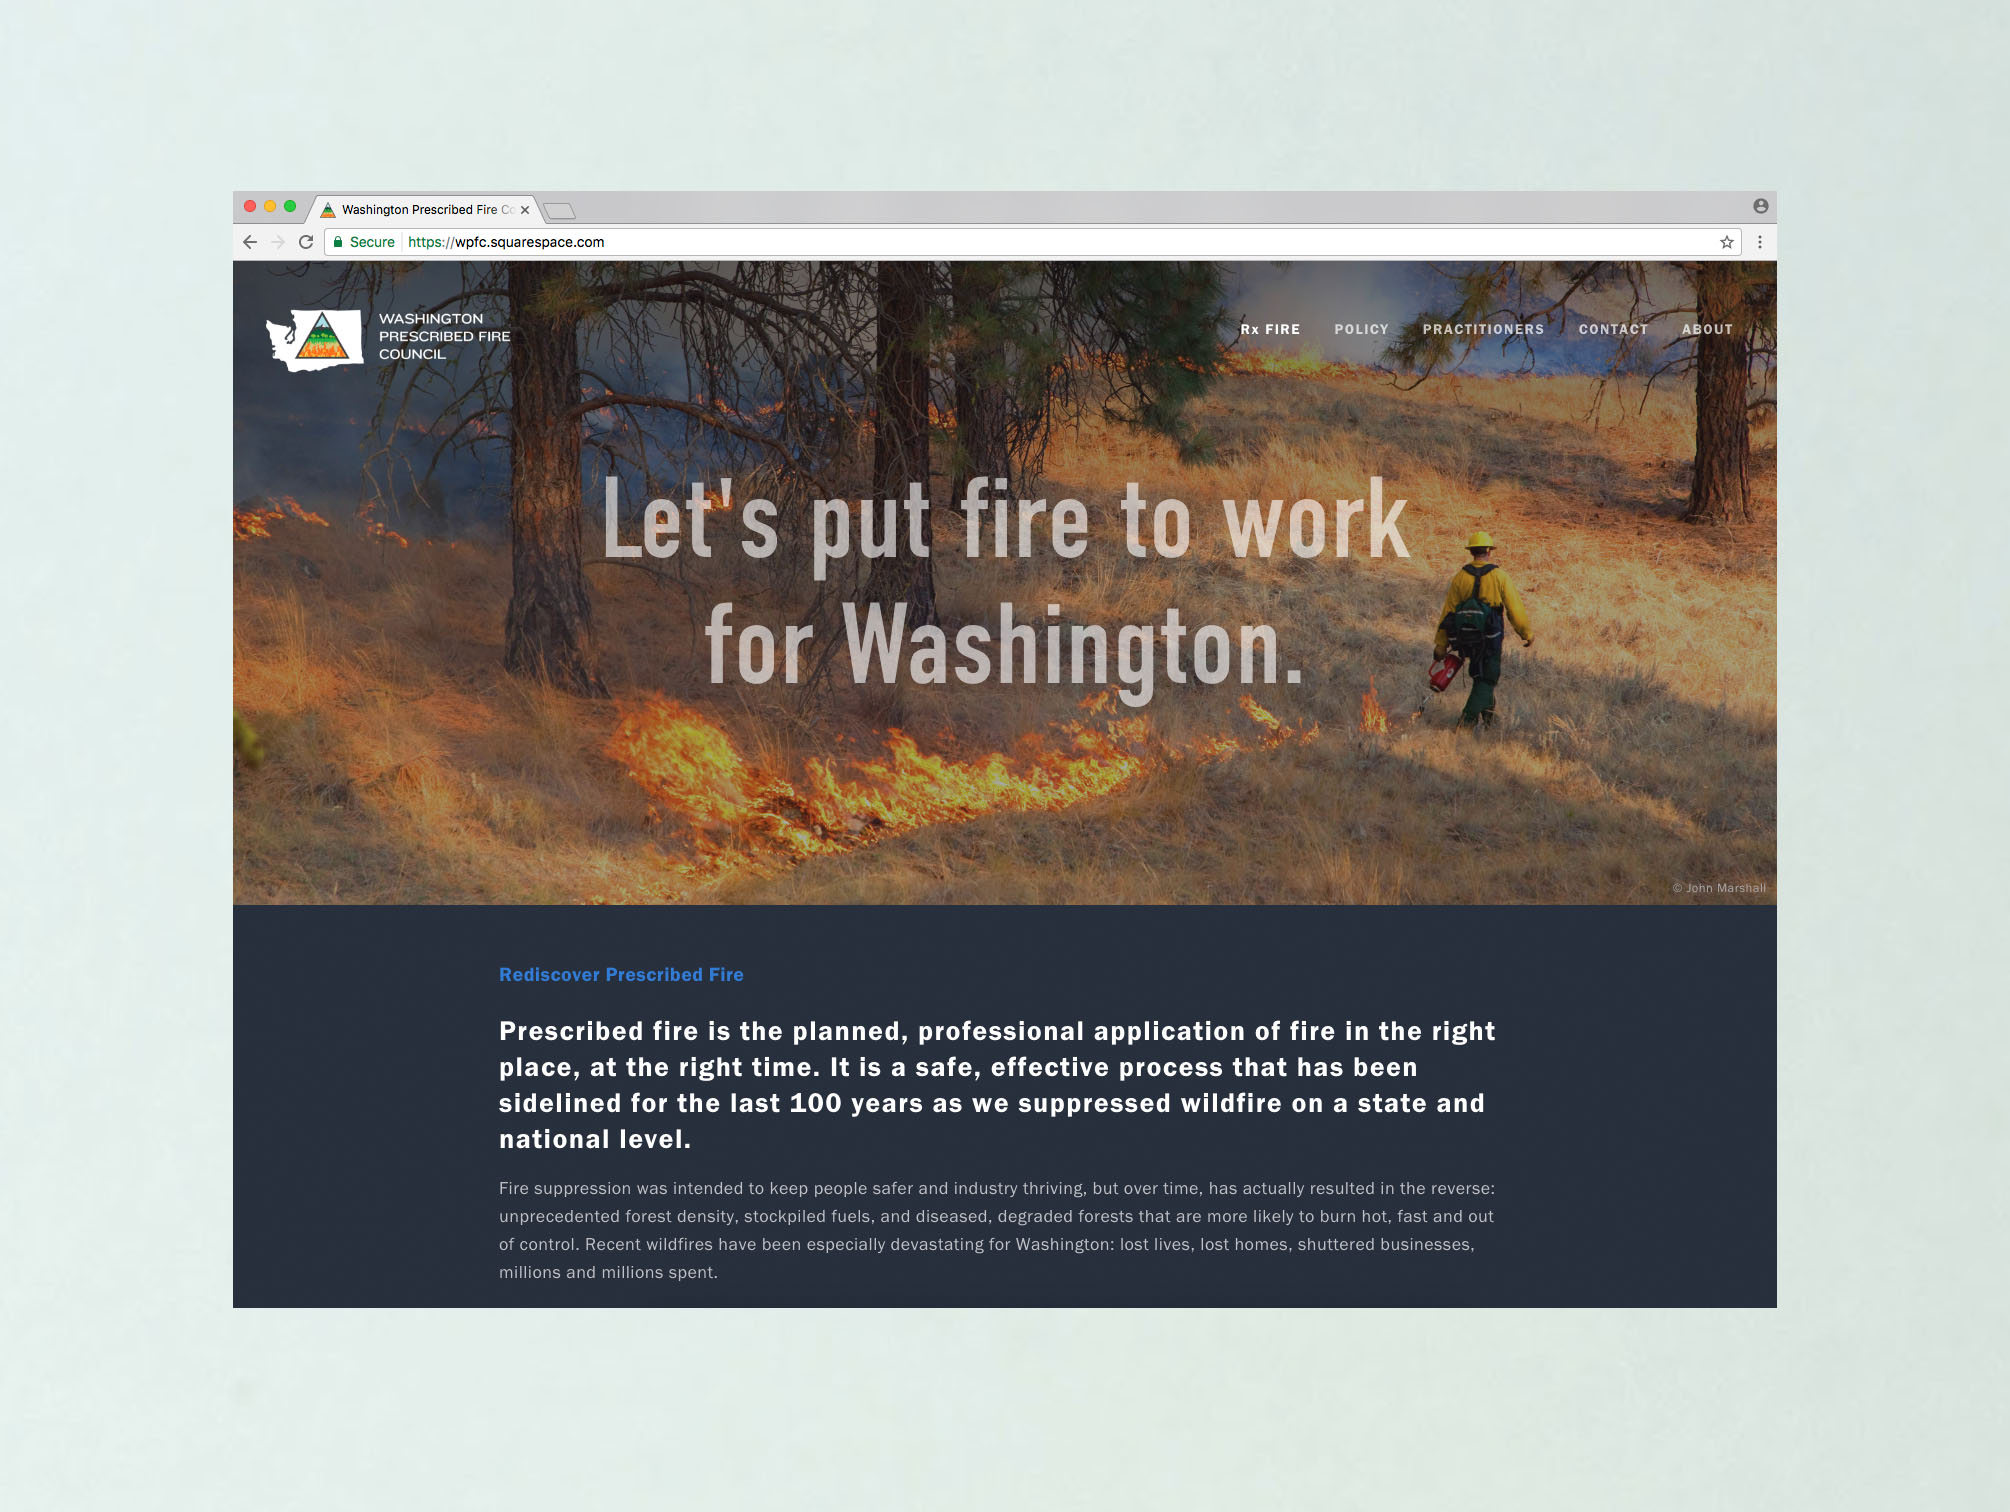 waprescribedfire.org